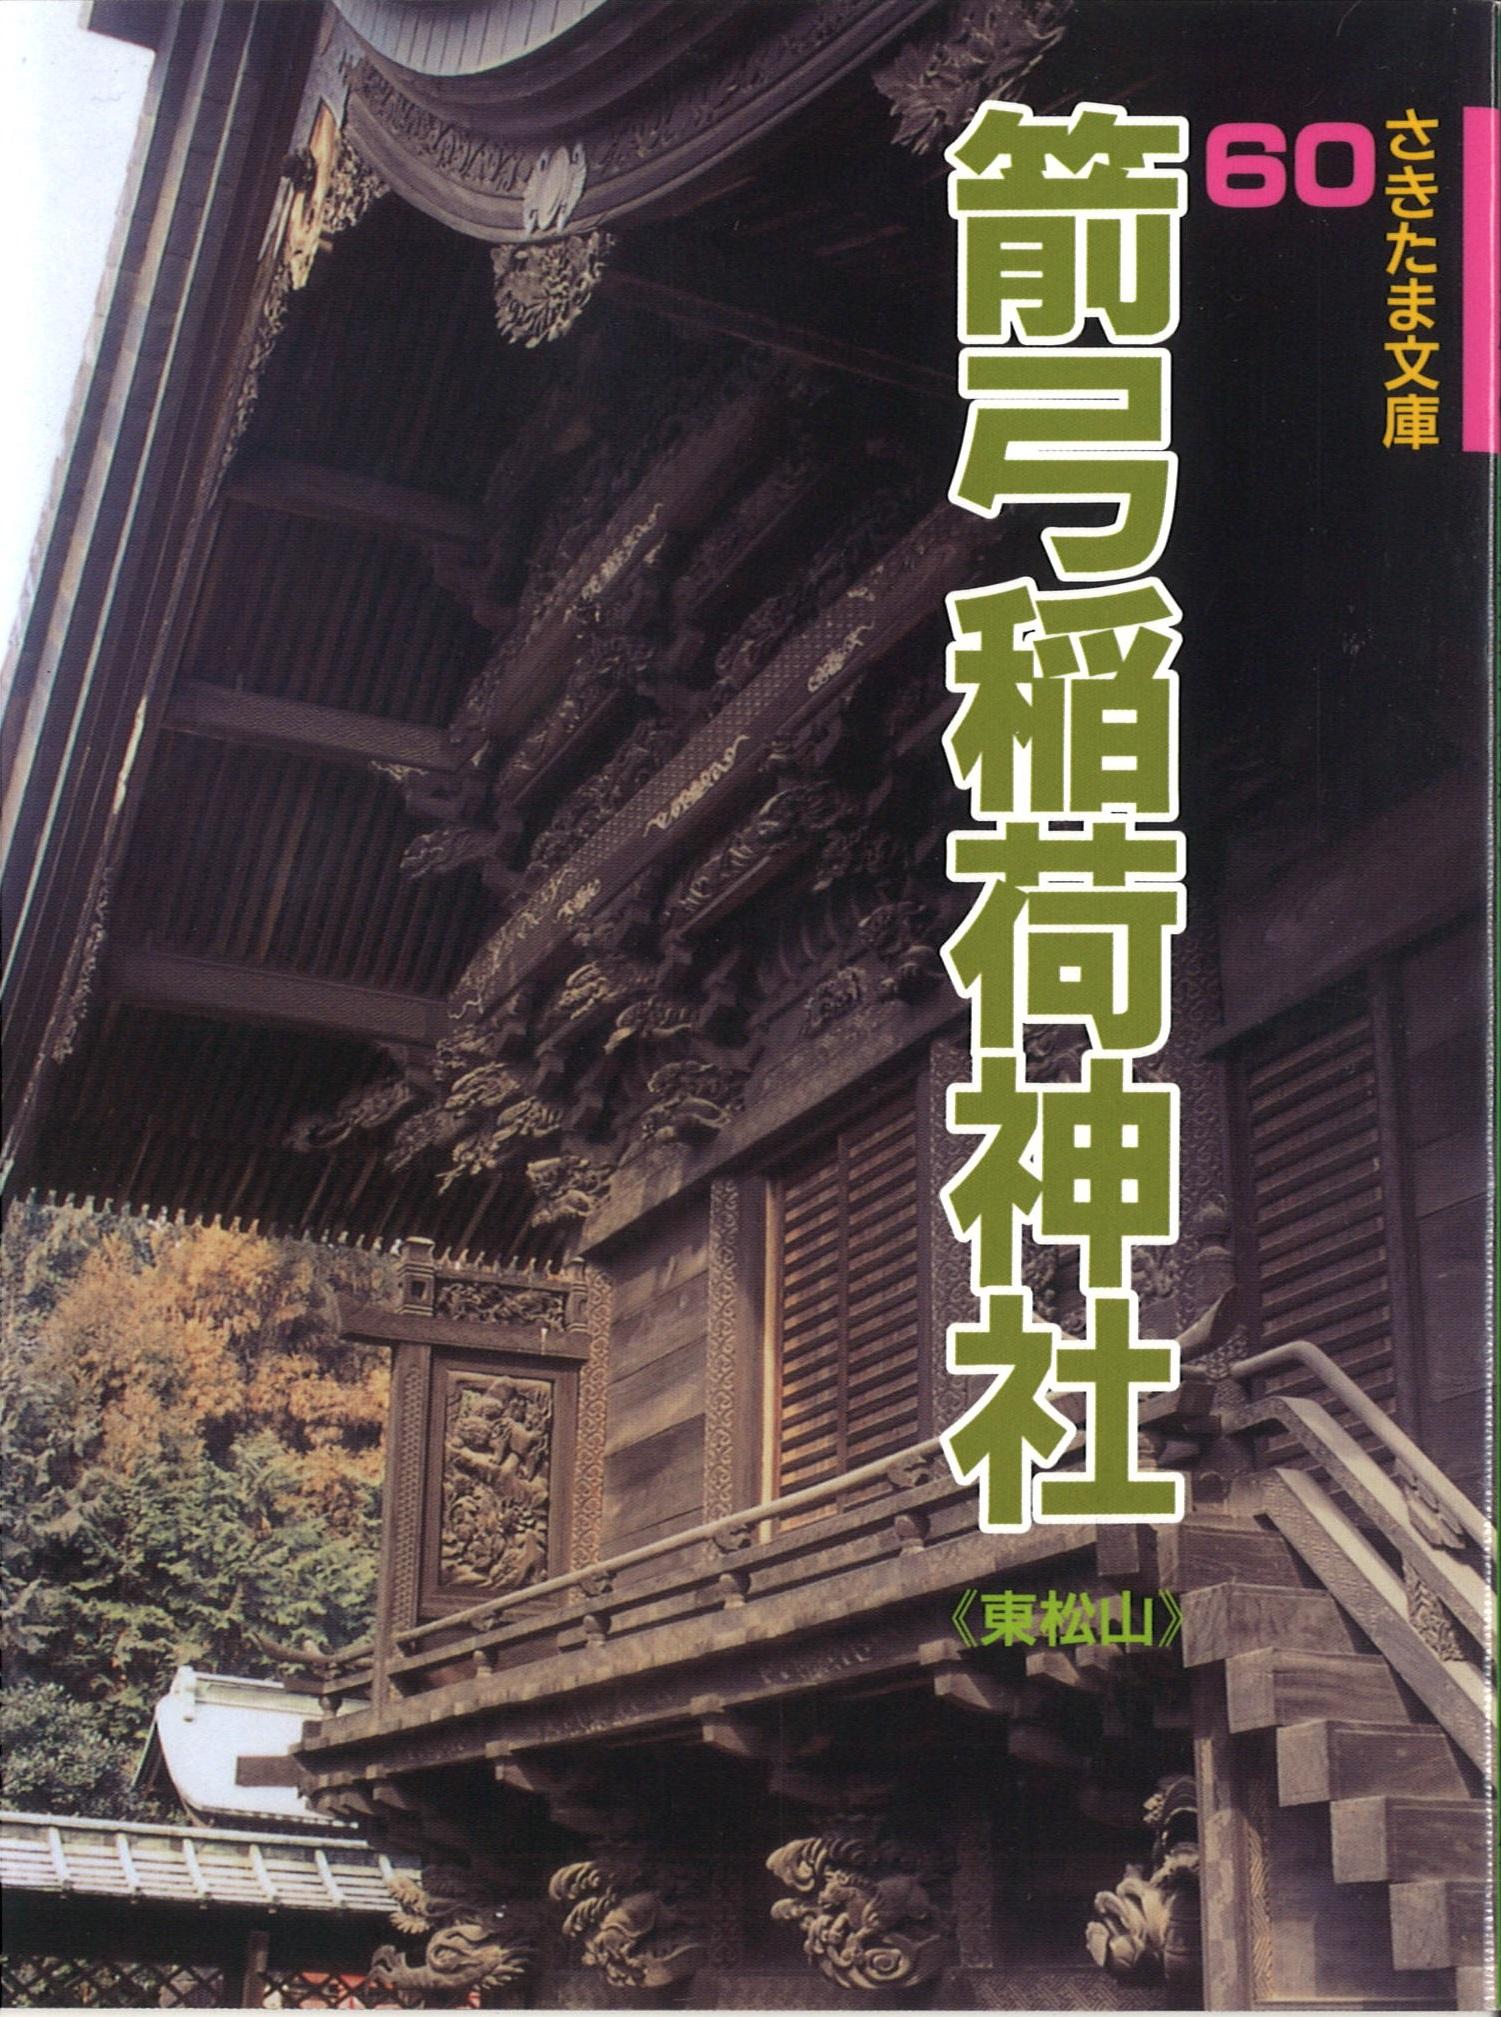 さきたま文庫60 箭弓稲荷神社